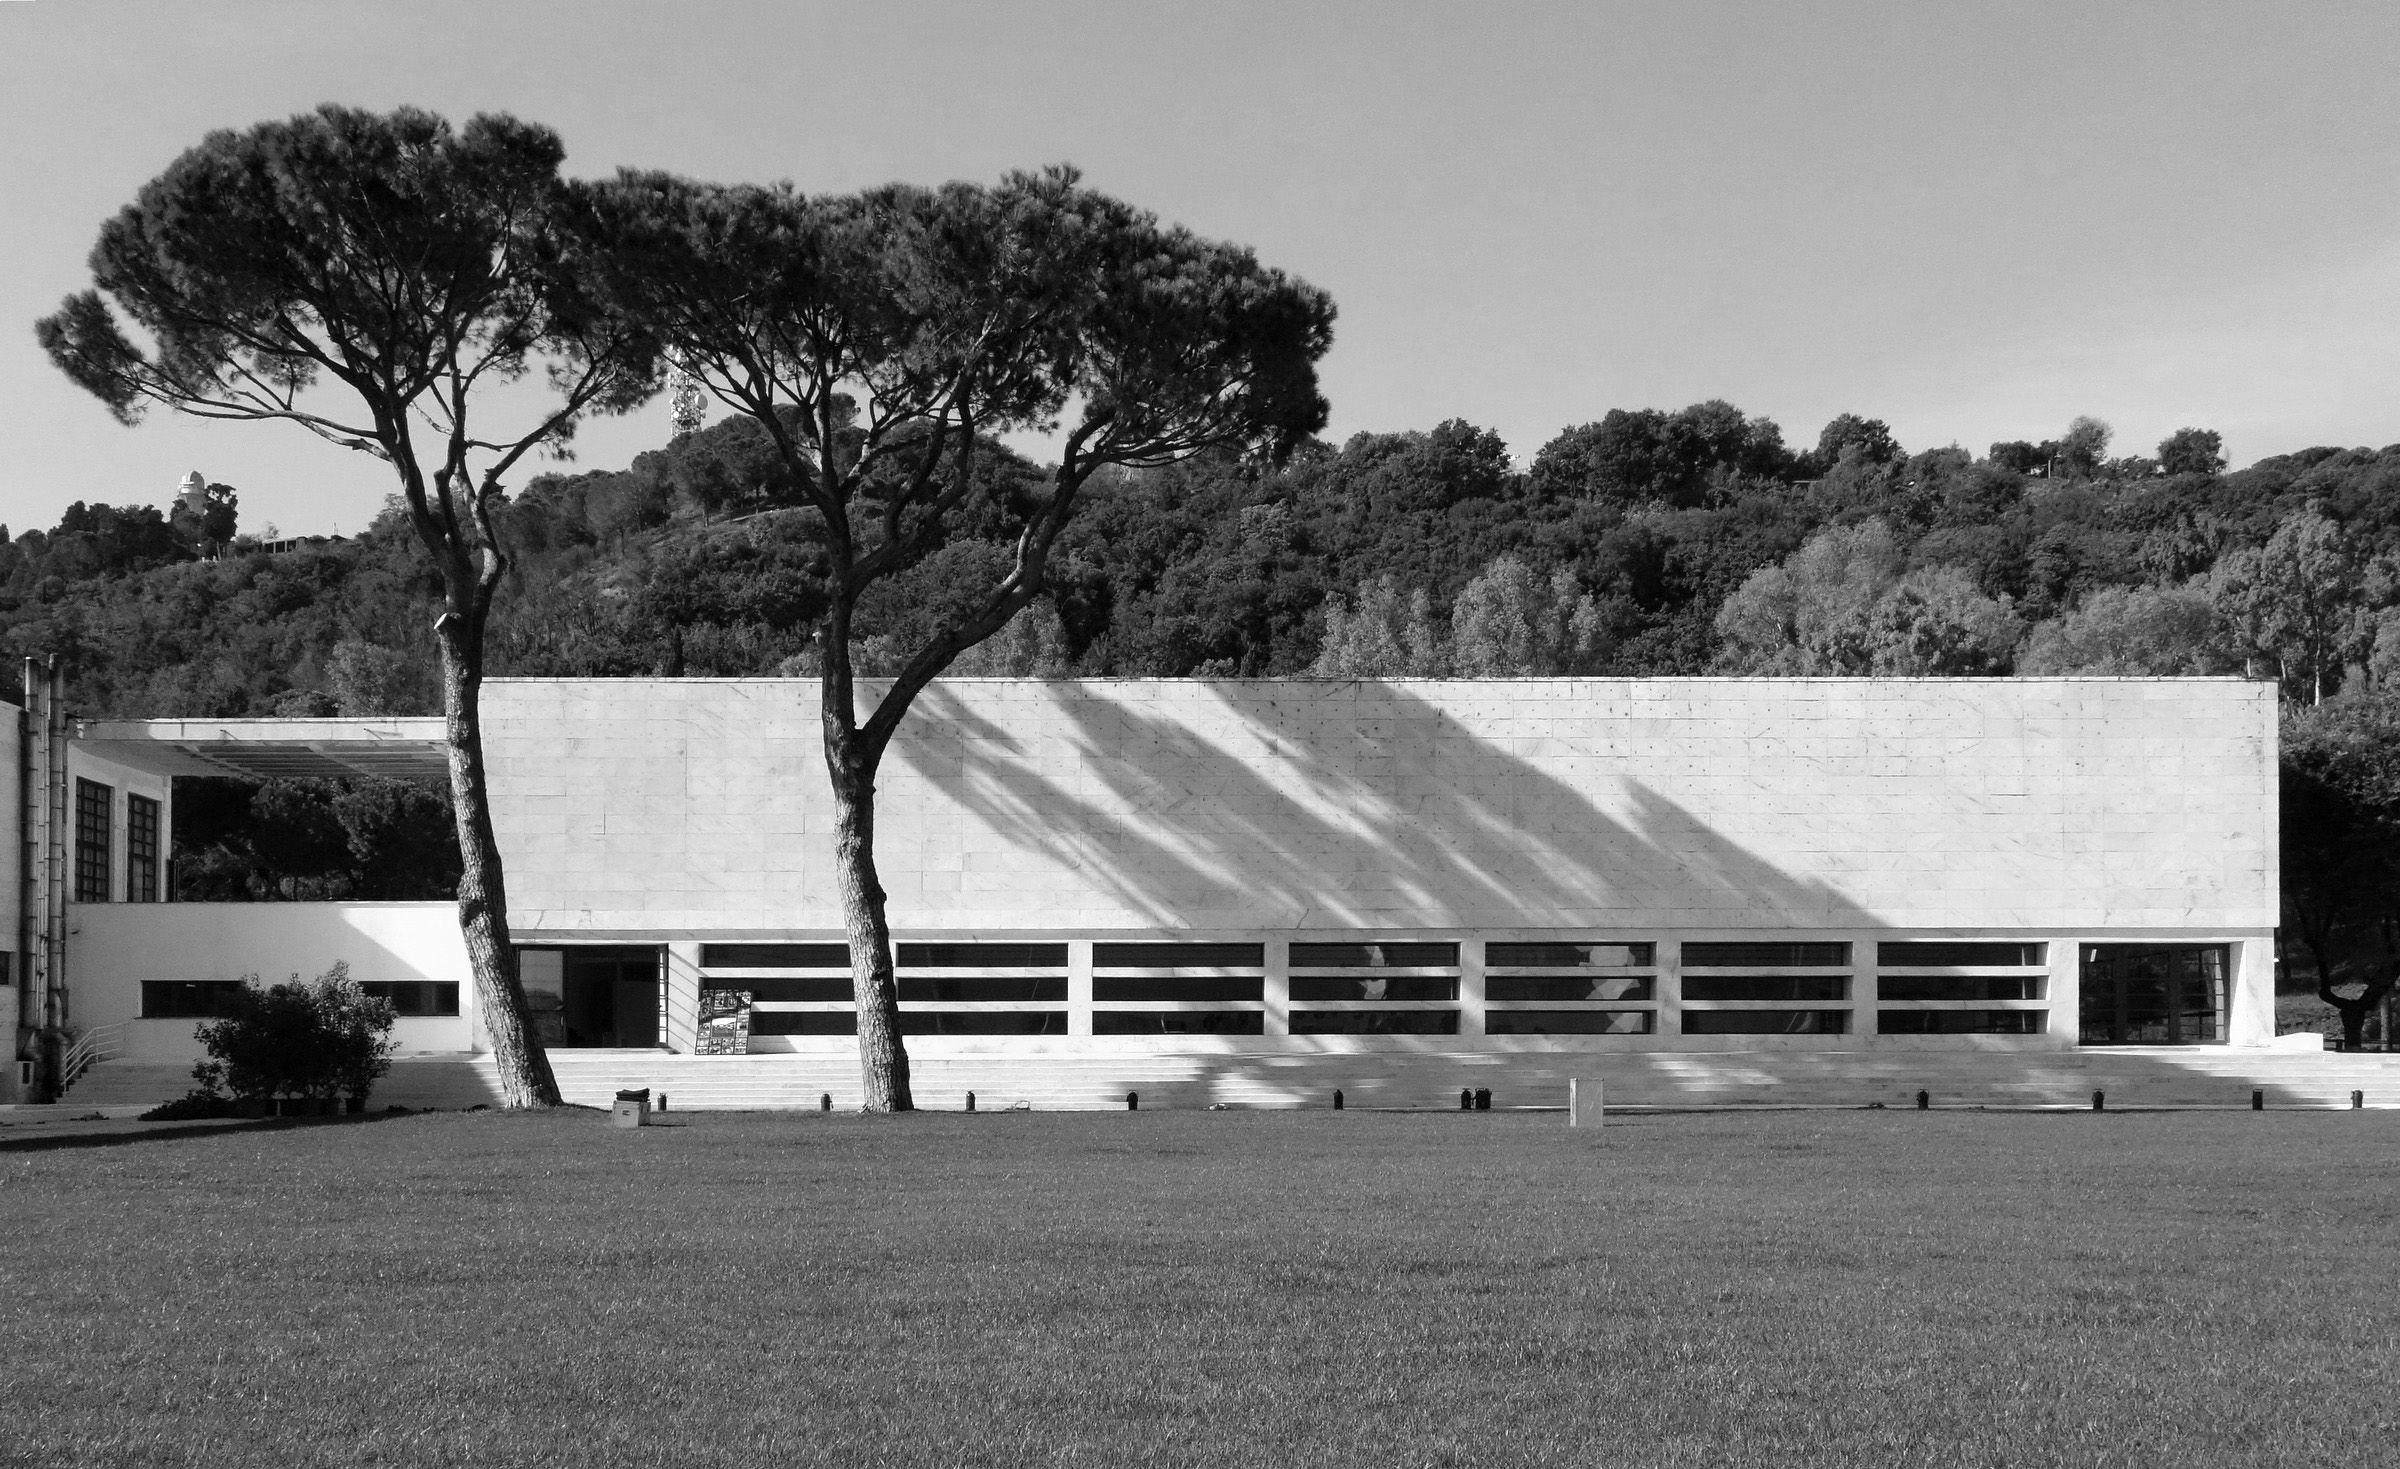 Casa delle armi a roma 1933 1936 luigi moretti rome for Casa design roma